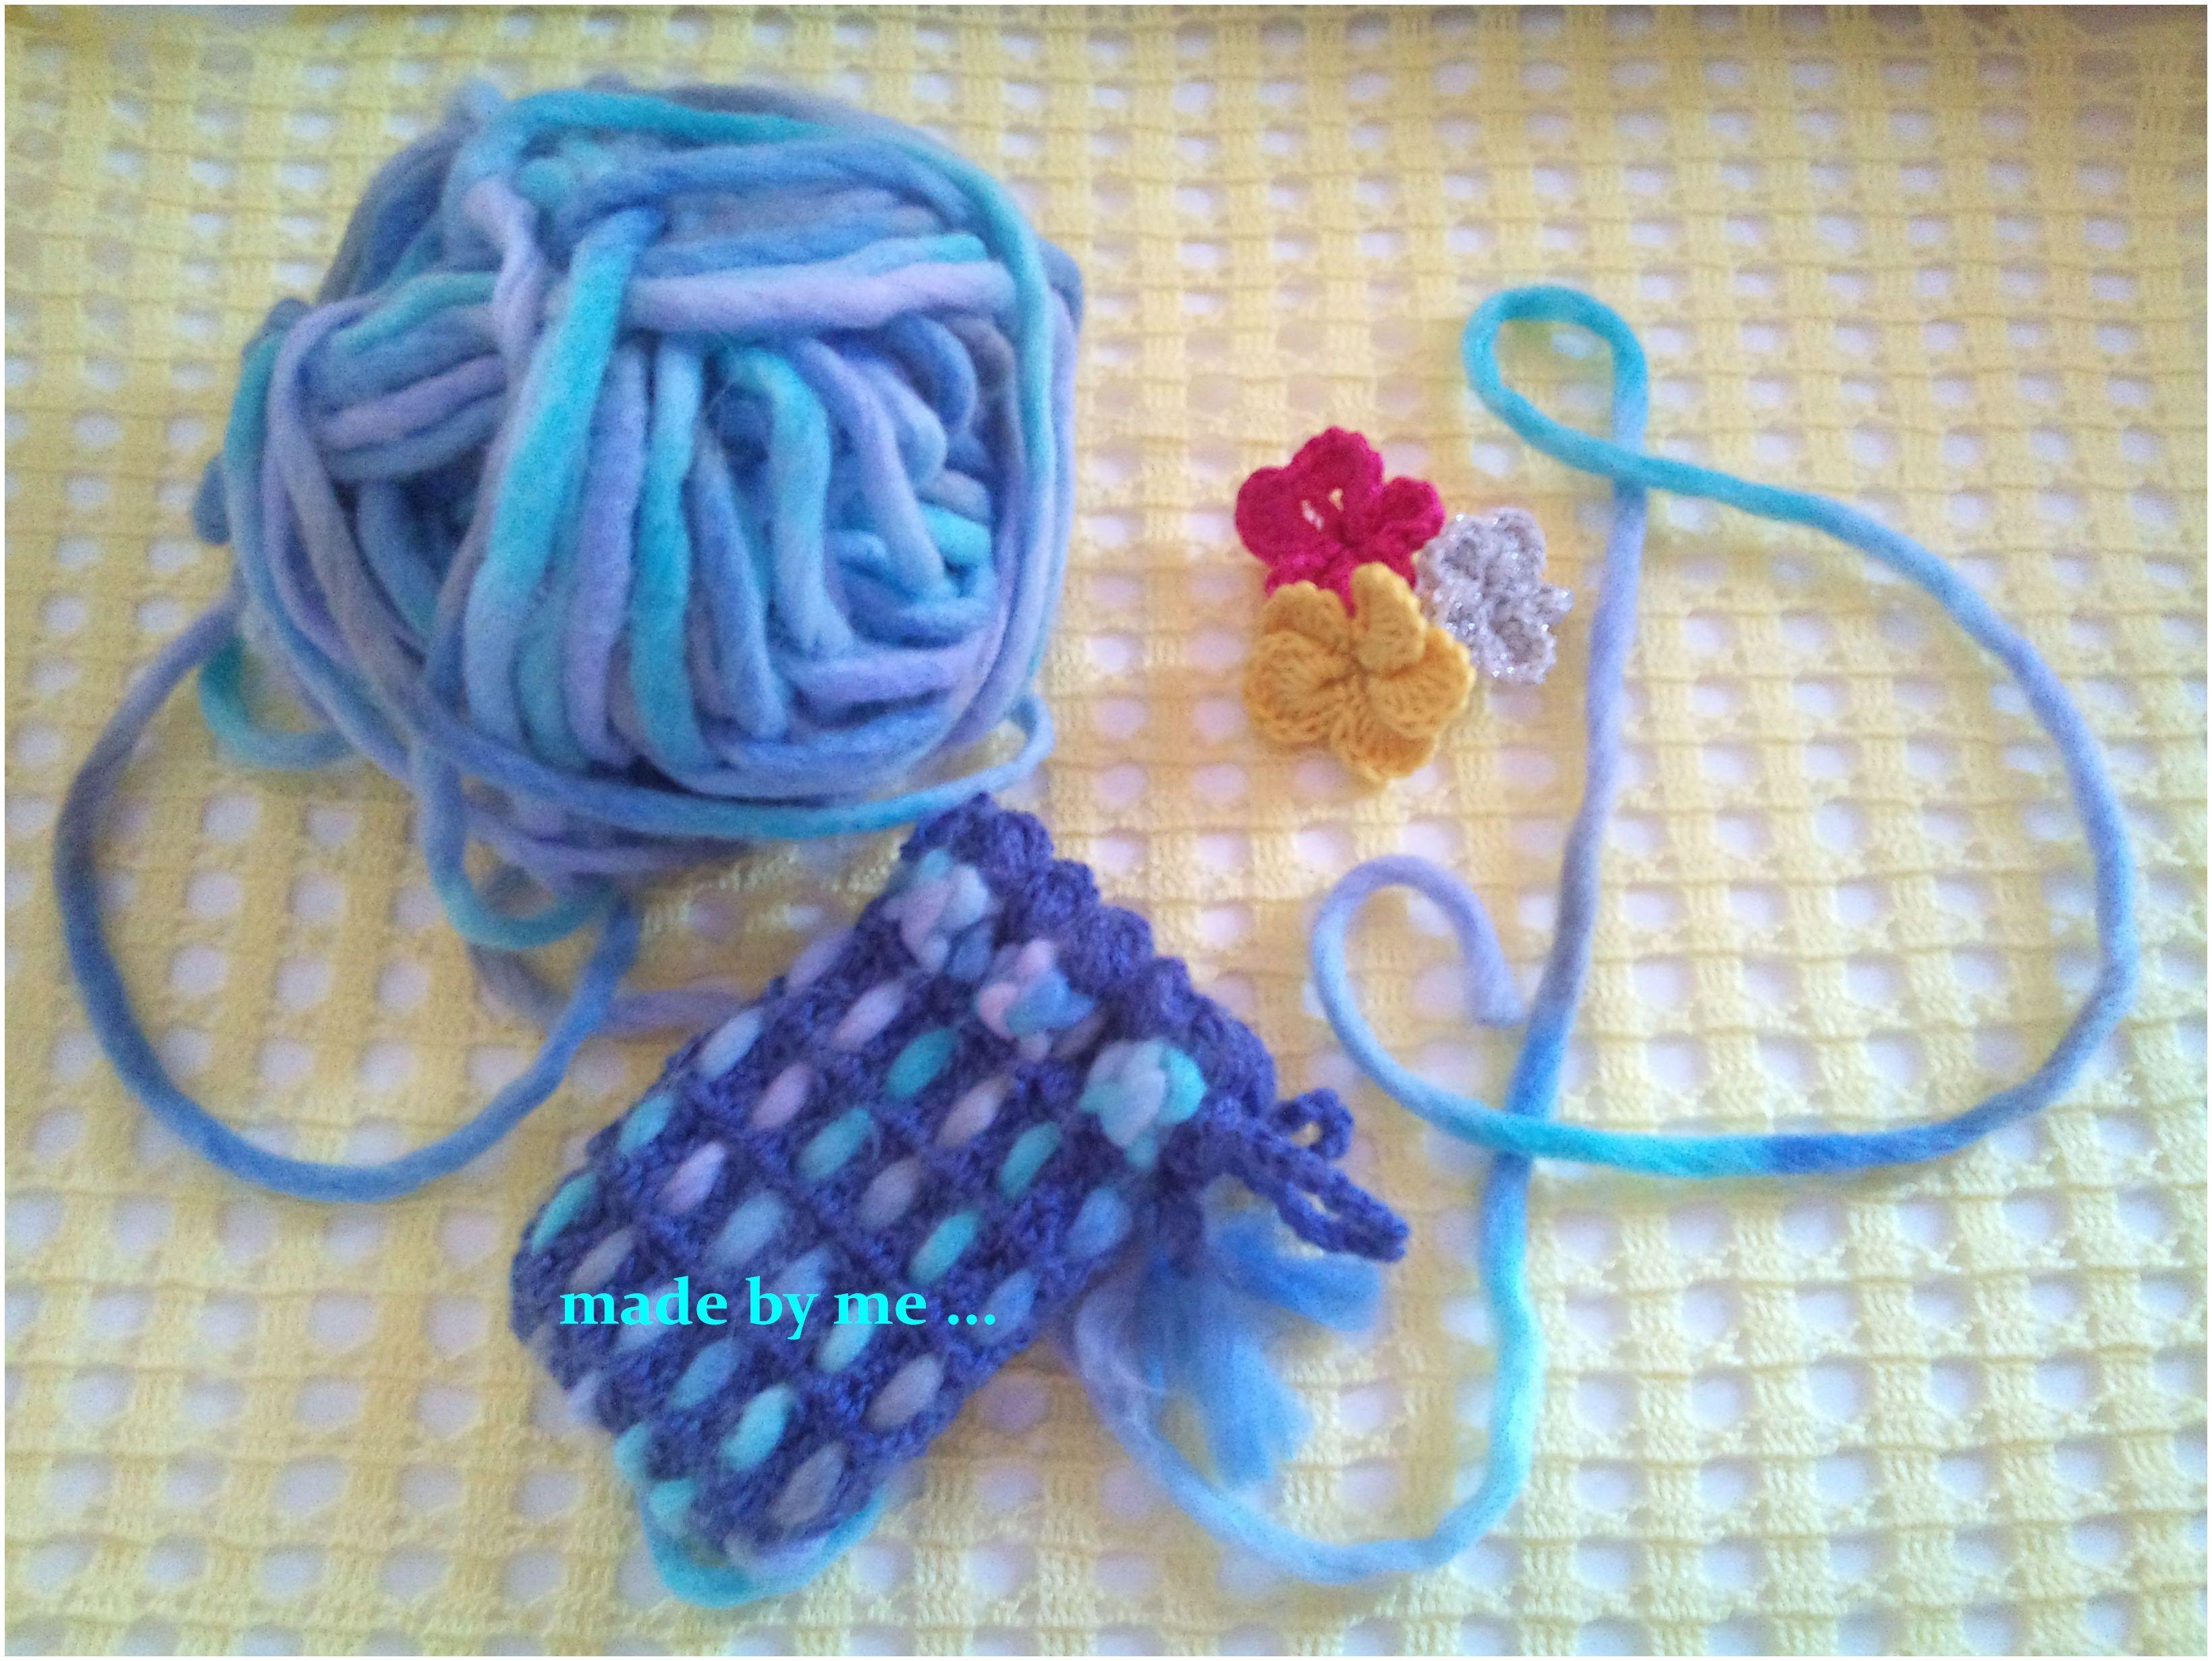 me shtiza pun dore http pundore blogspot com 2013 02 bluza me shtiza